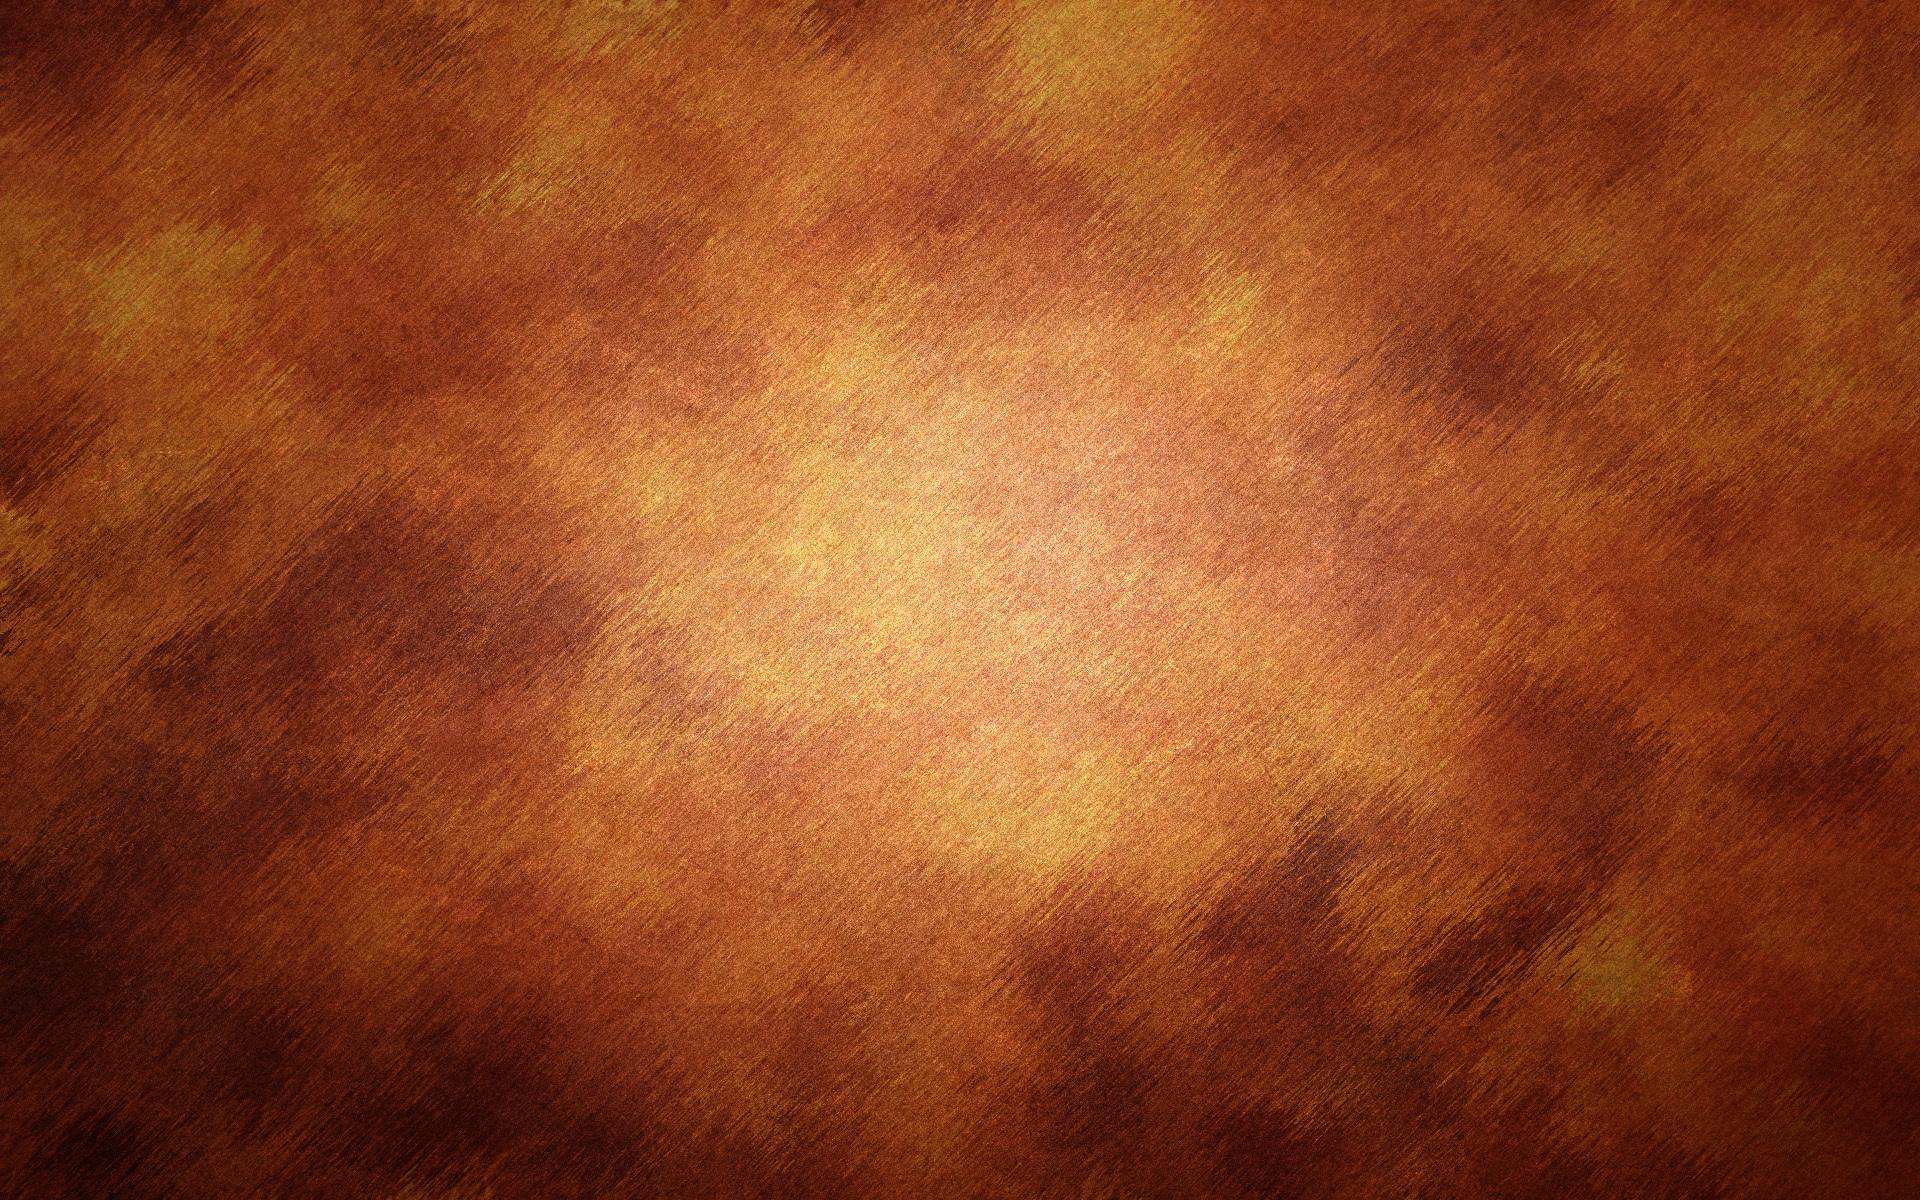 Blacksplash Copper Wallpaper Wallpapersafari